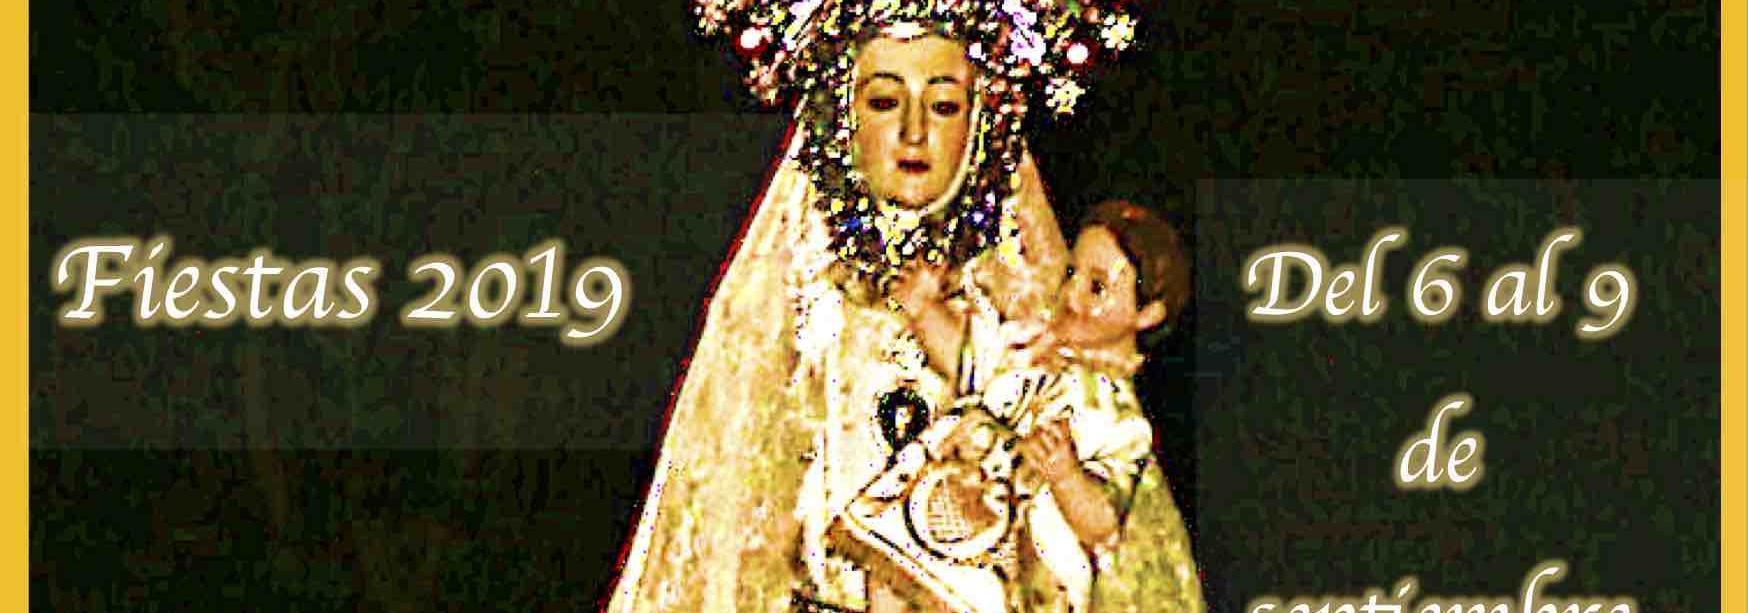 Programa Fiestas Virgen del Destierro 2019